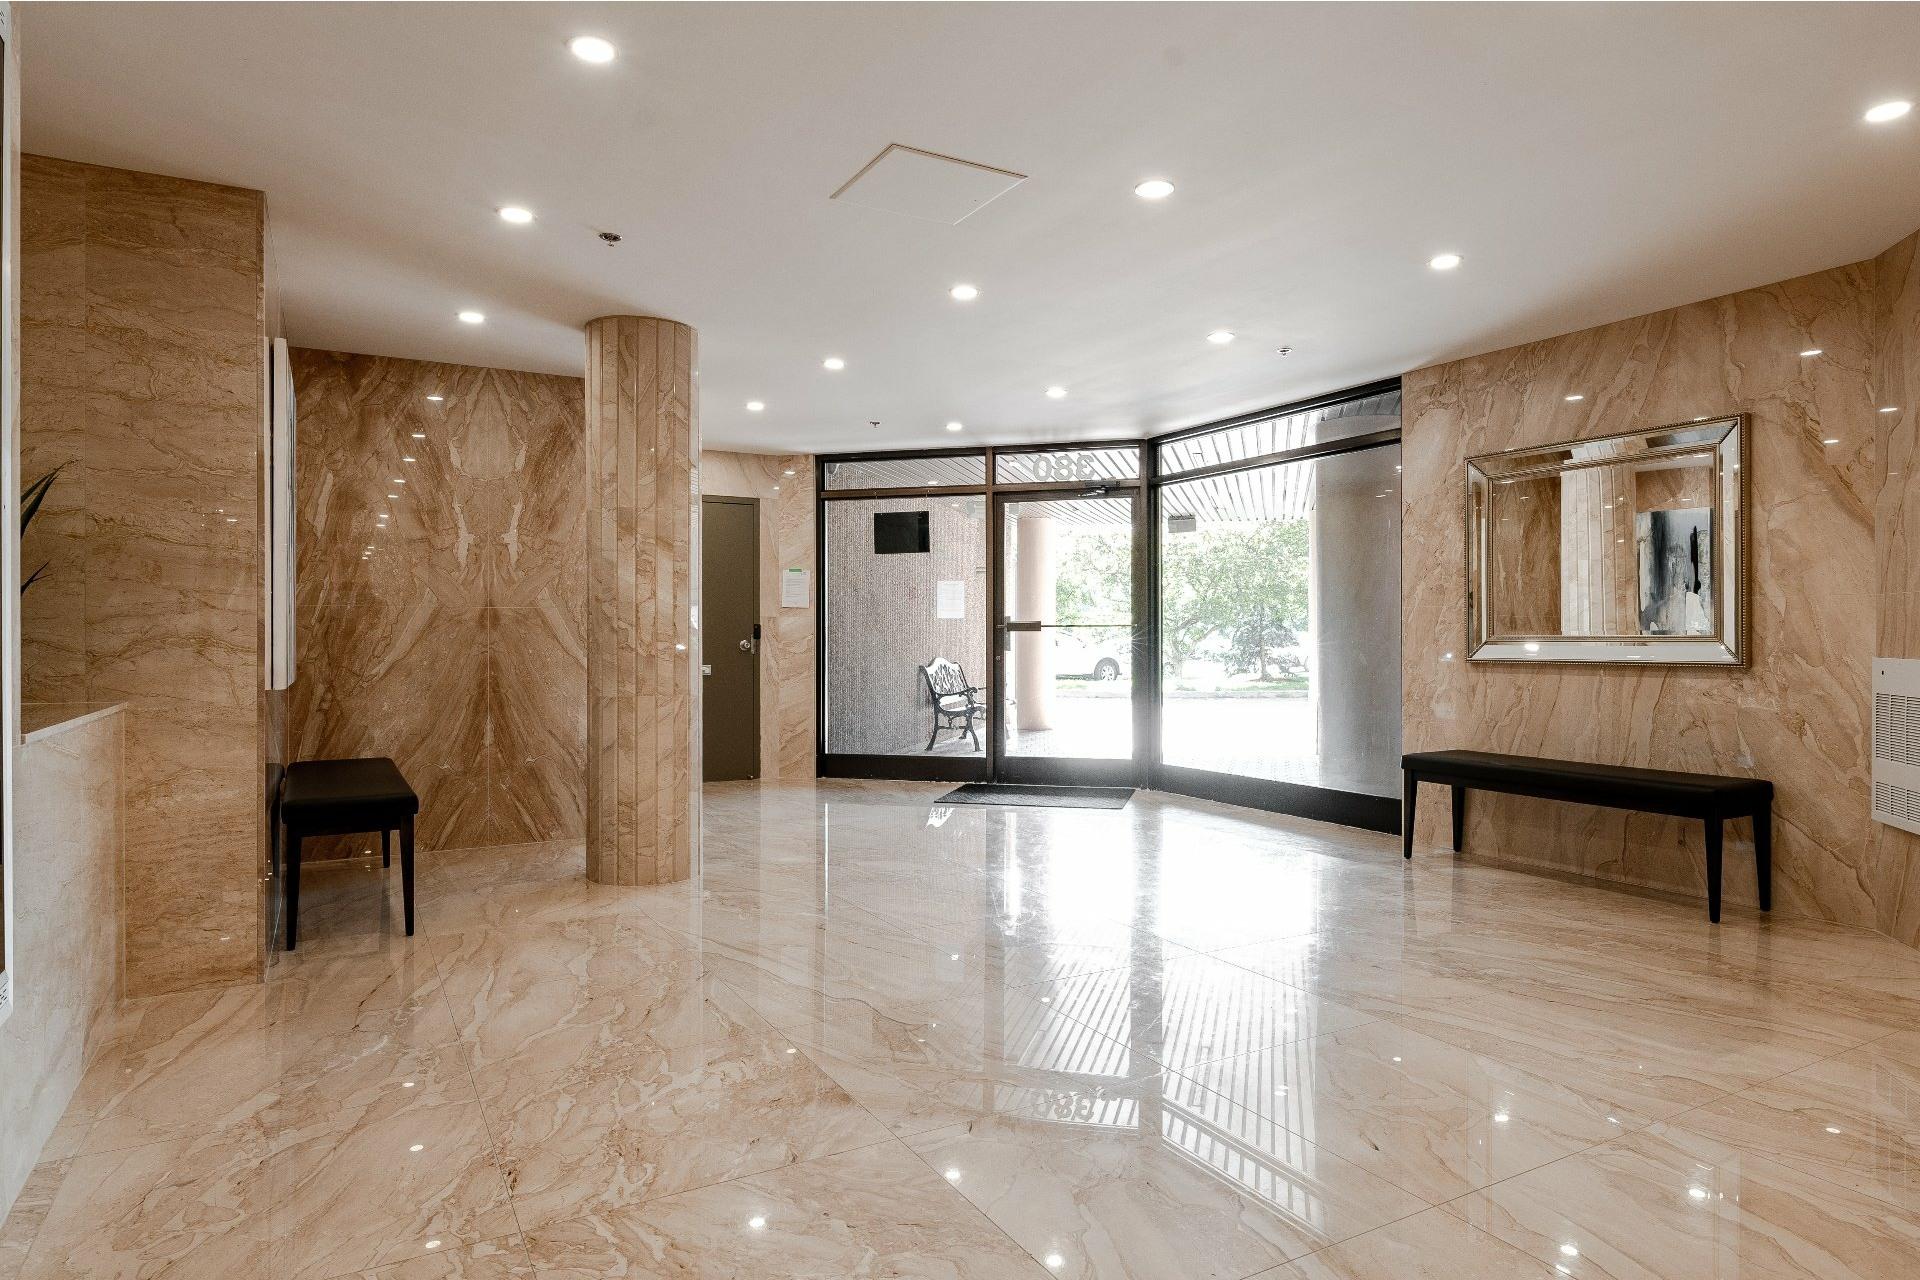 image 23 - Apartment For sale Pierrefonds-Roxboro Montréal  - 5 rooms